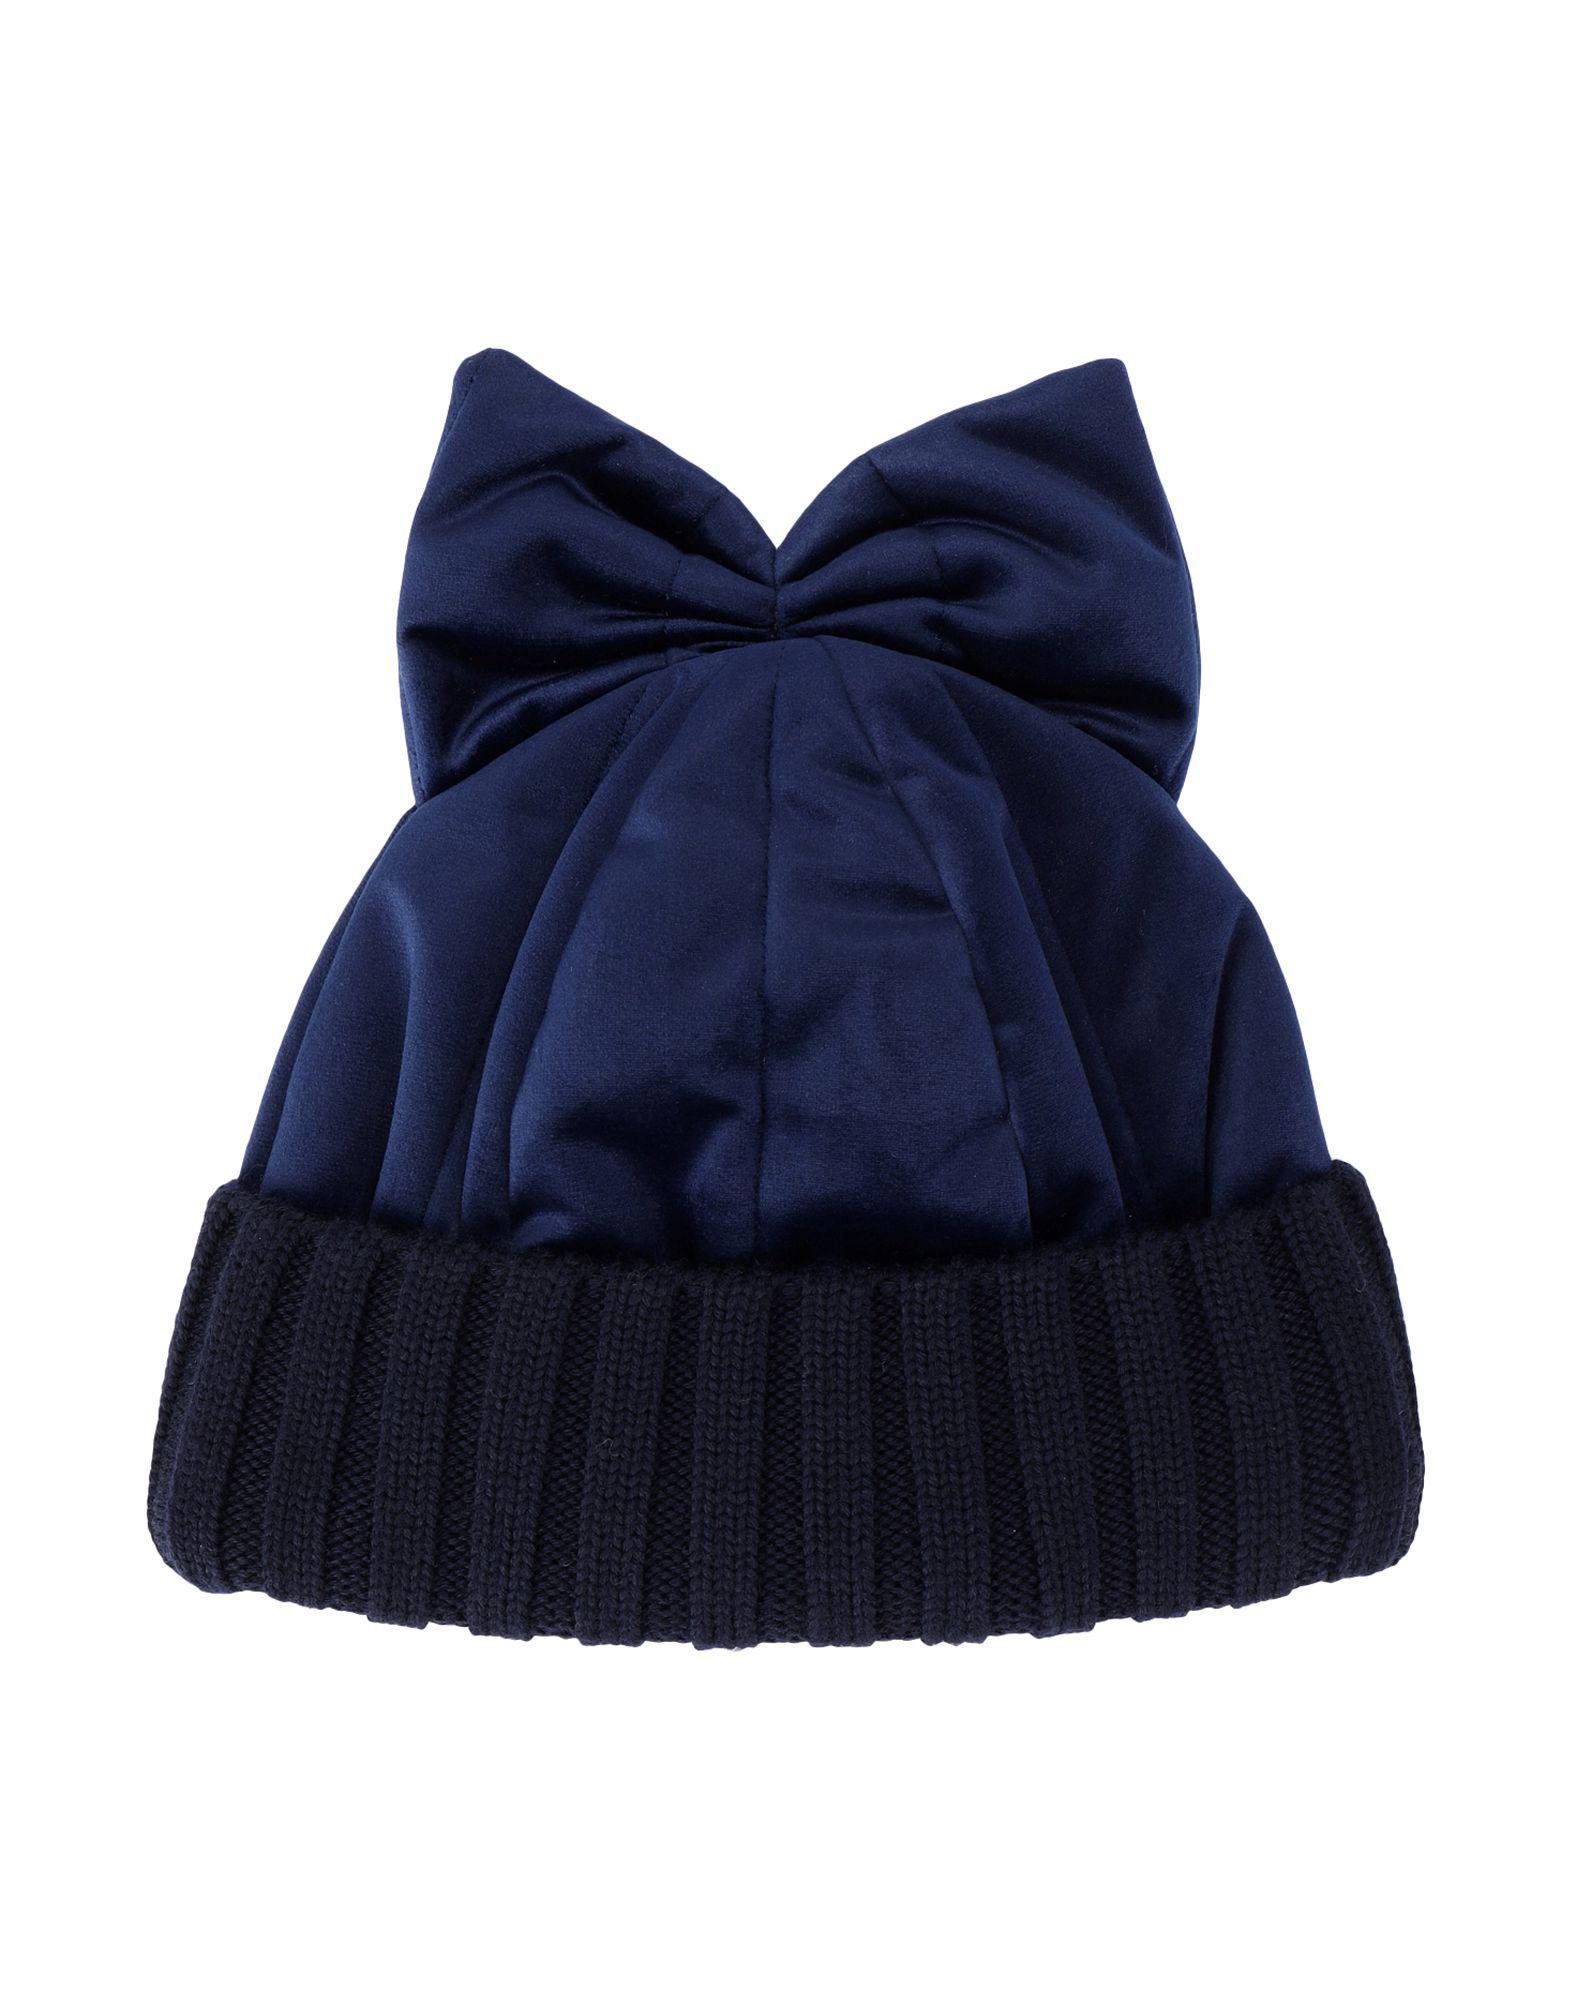 16f8c307c8d Lyst - Federica Moretti Hat in Blue